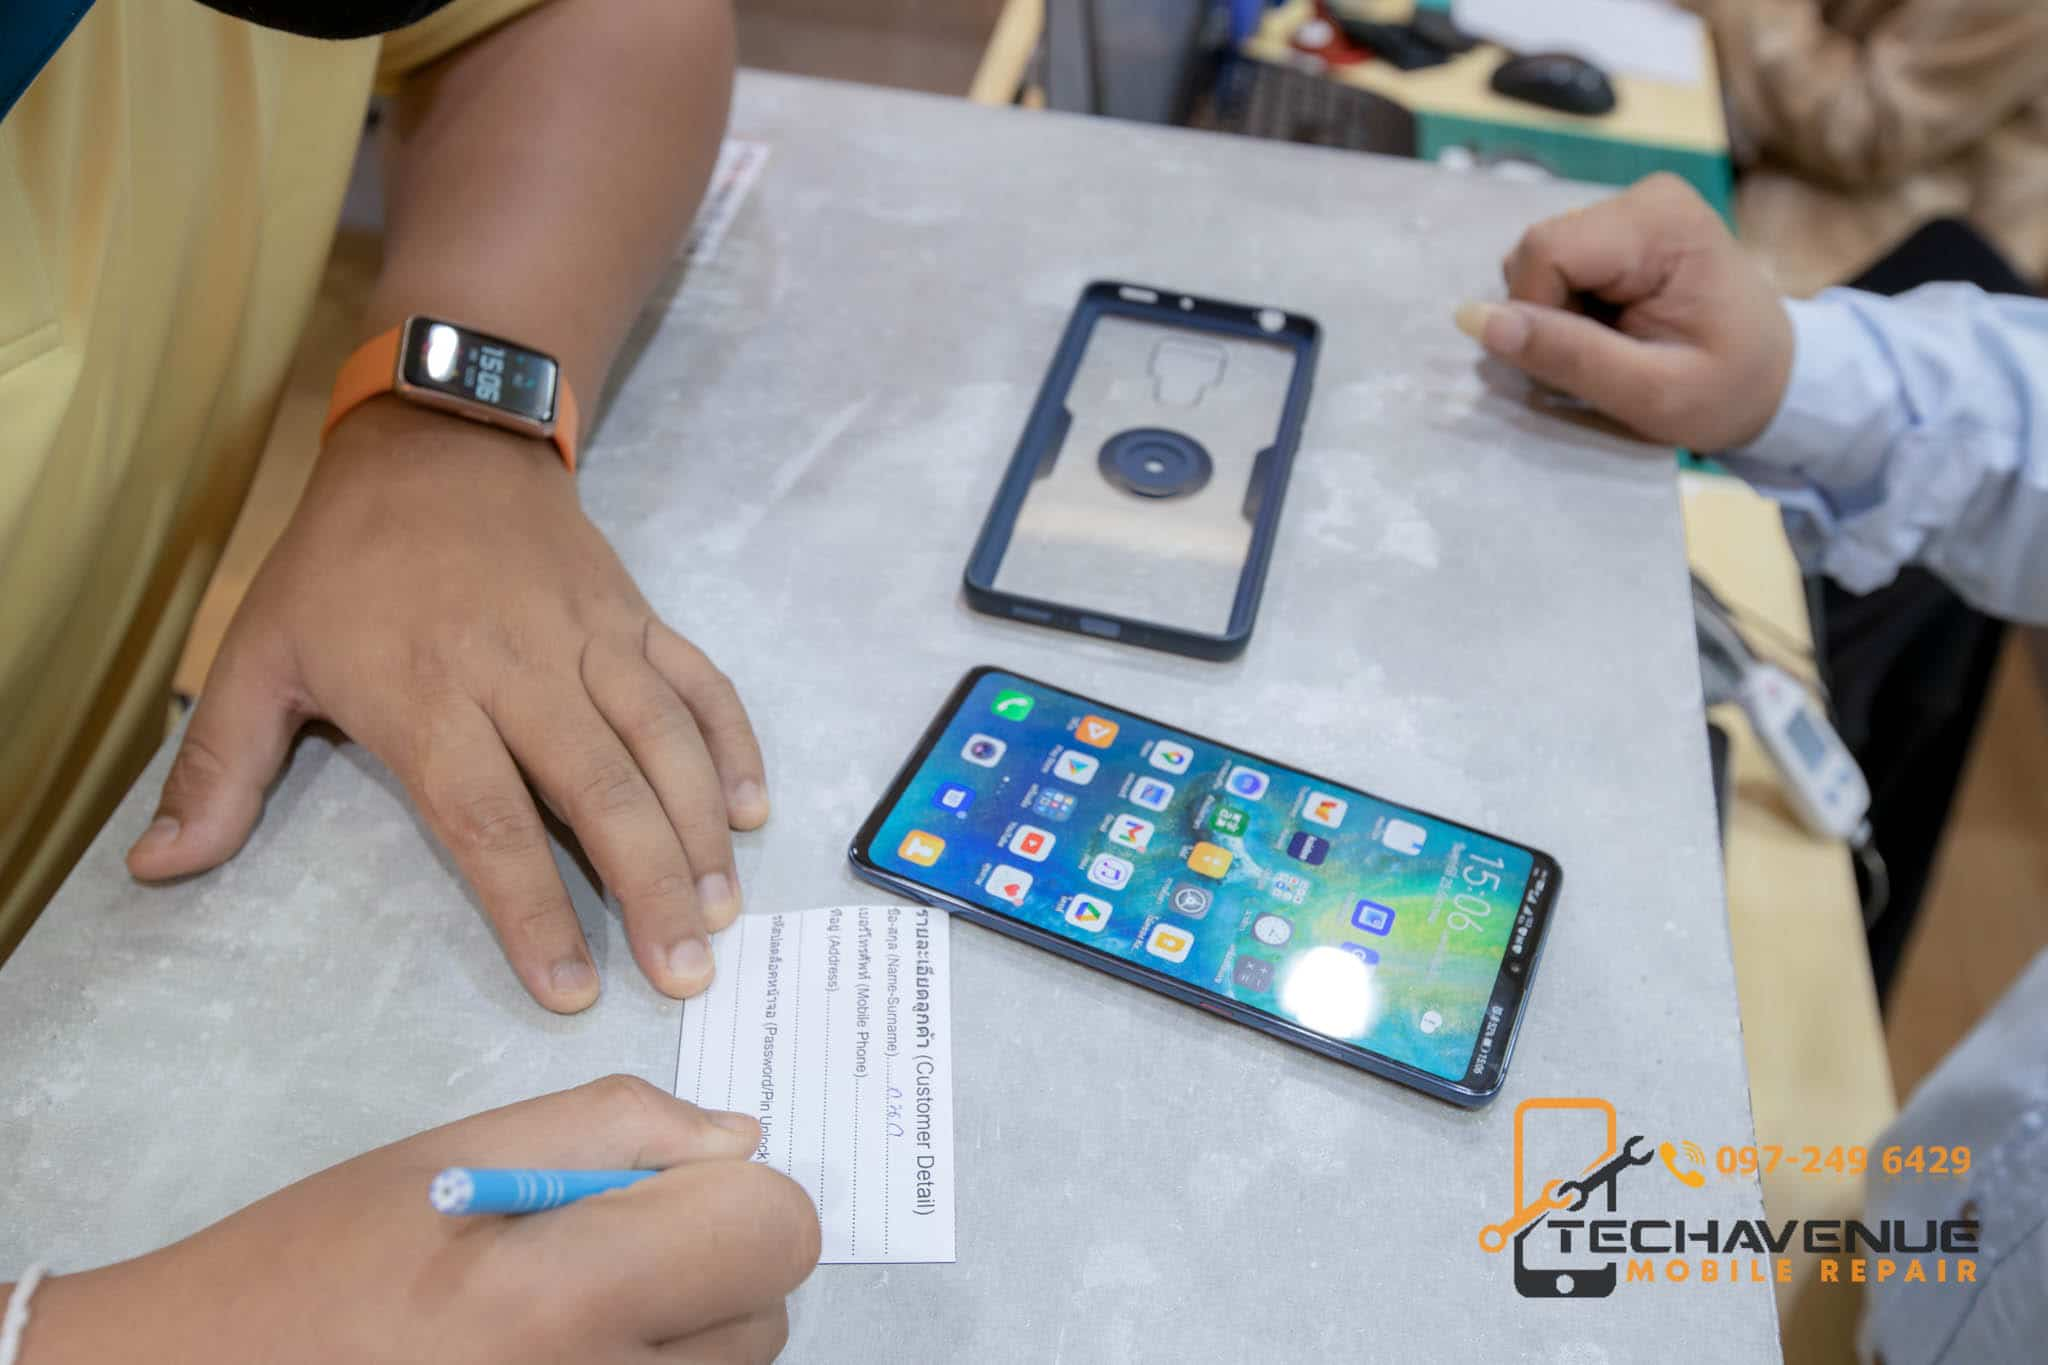 มือถือ Huawei (หัวเว่ย) nova 6 แบตบวม ซ่อมร้านไหนดี รับได้เลย